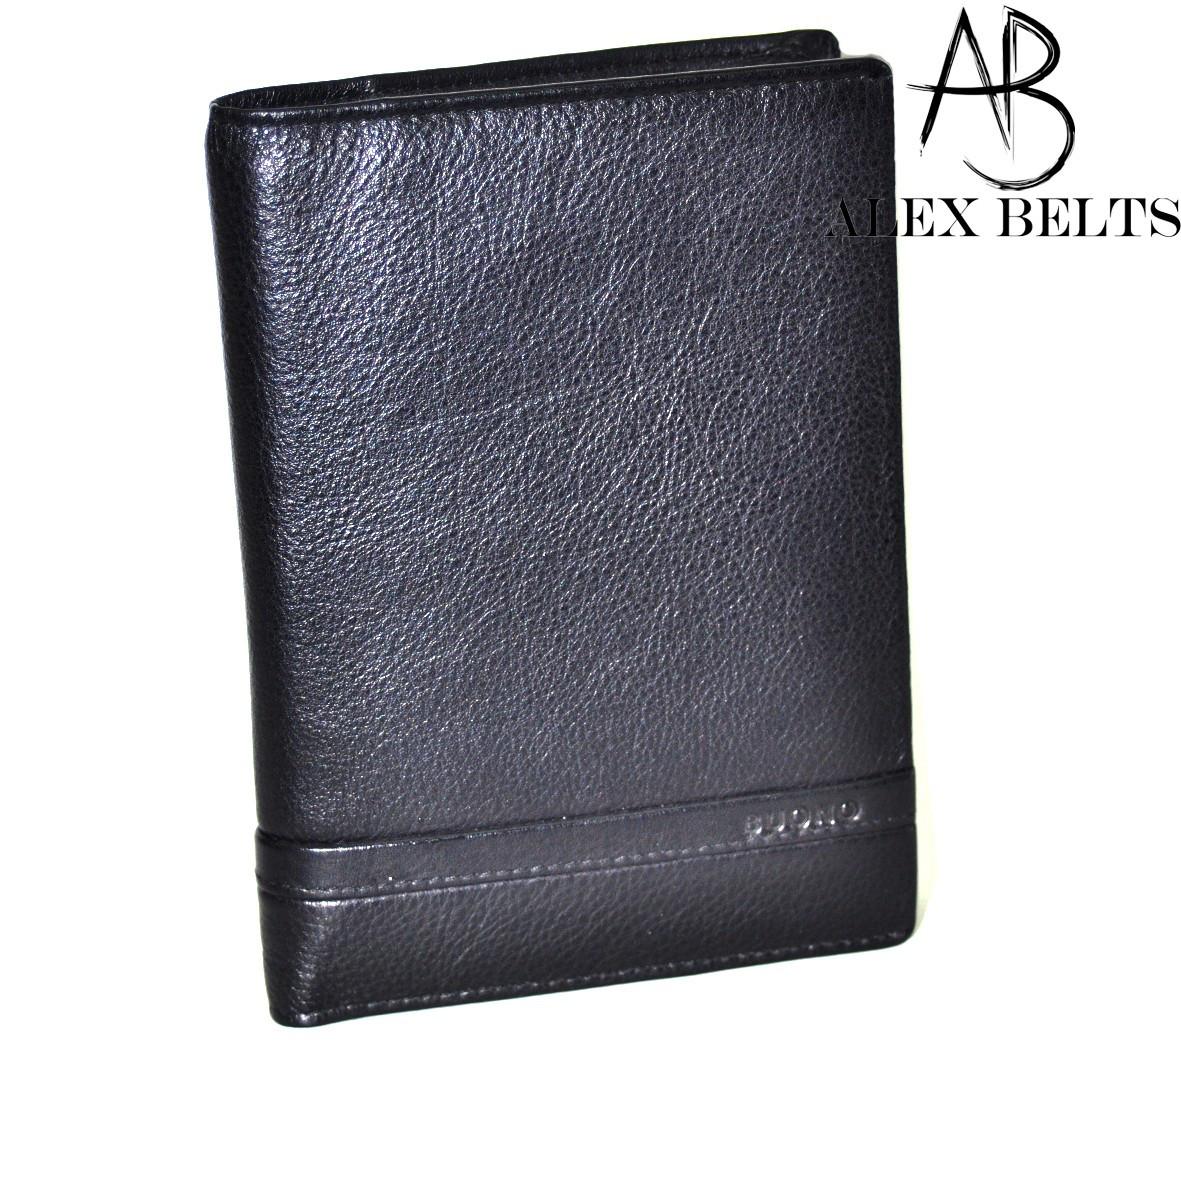 Обложка для паспорта и автодокументов (черный) кожа-купить оптом в одессе